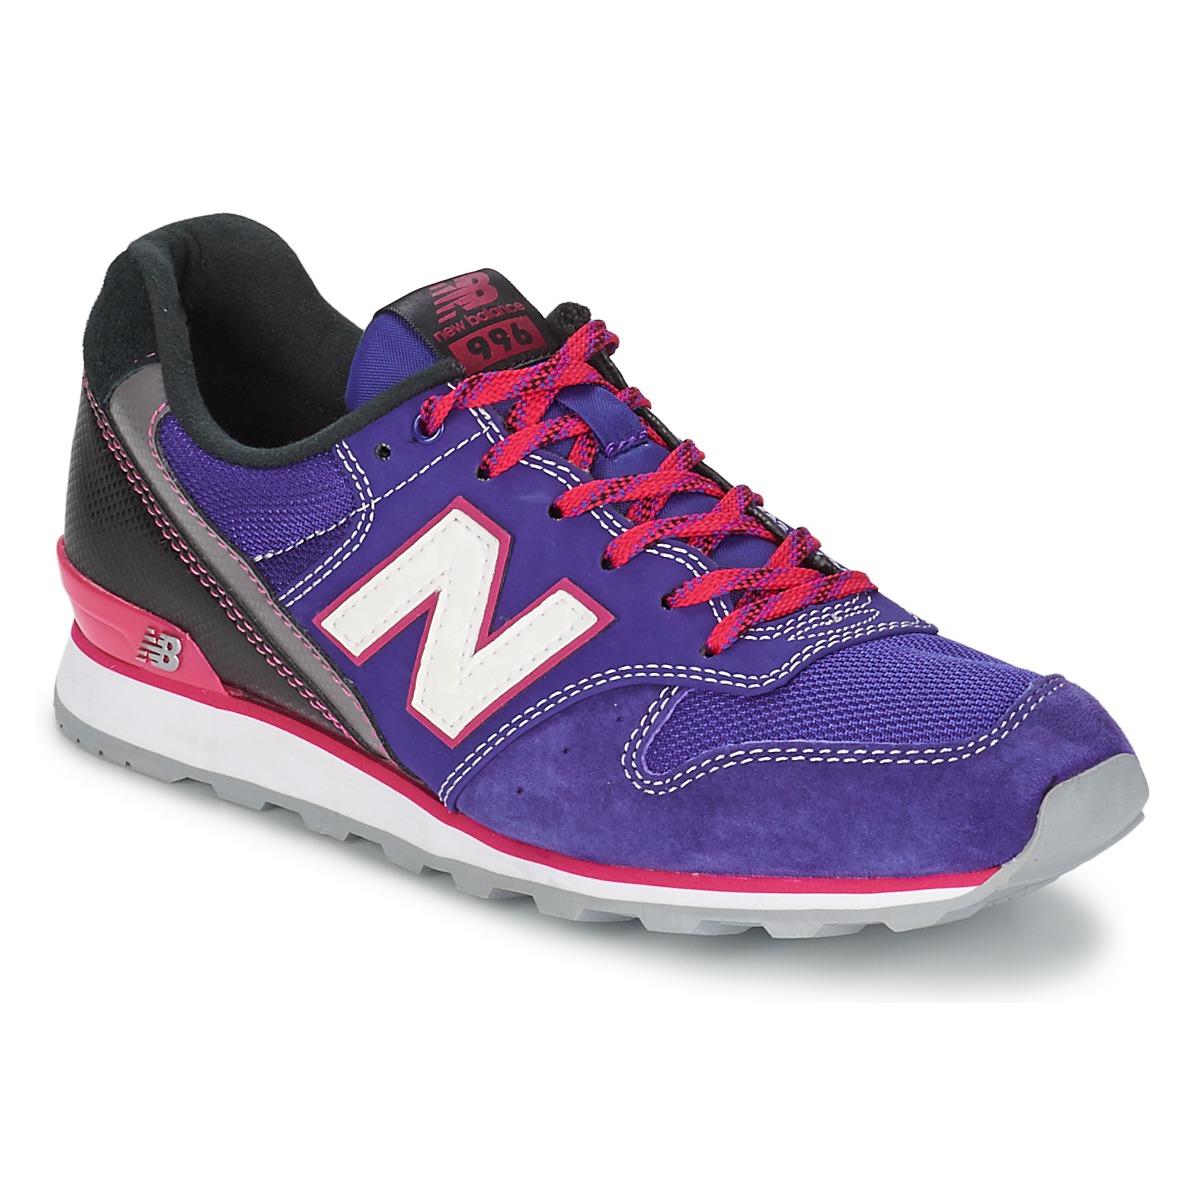 New Balance WR996 Violet